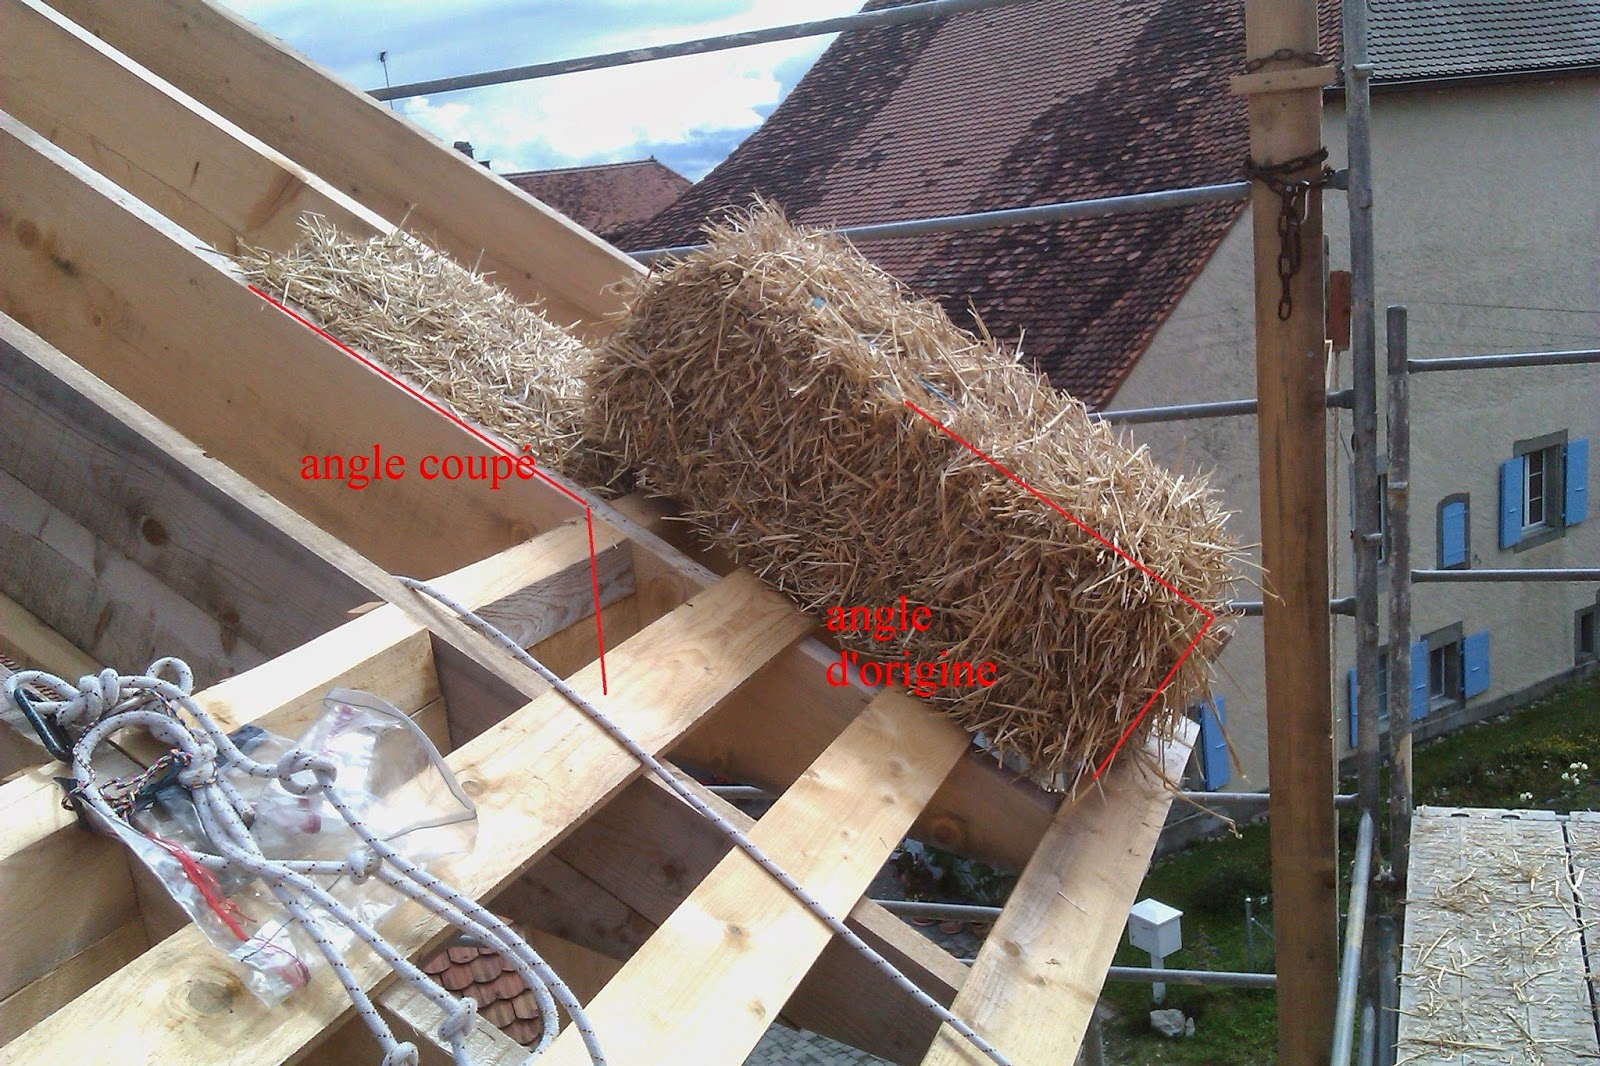 Angle toiture maison la noue ou artier de noue est la for Tuiles tiges de bottes